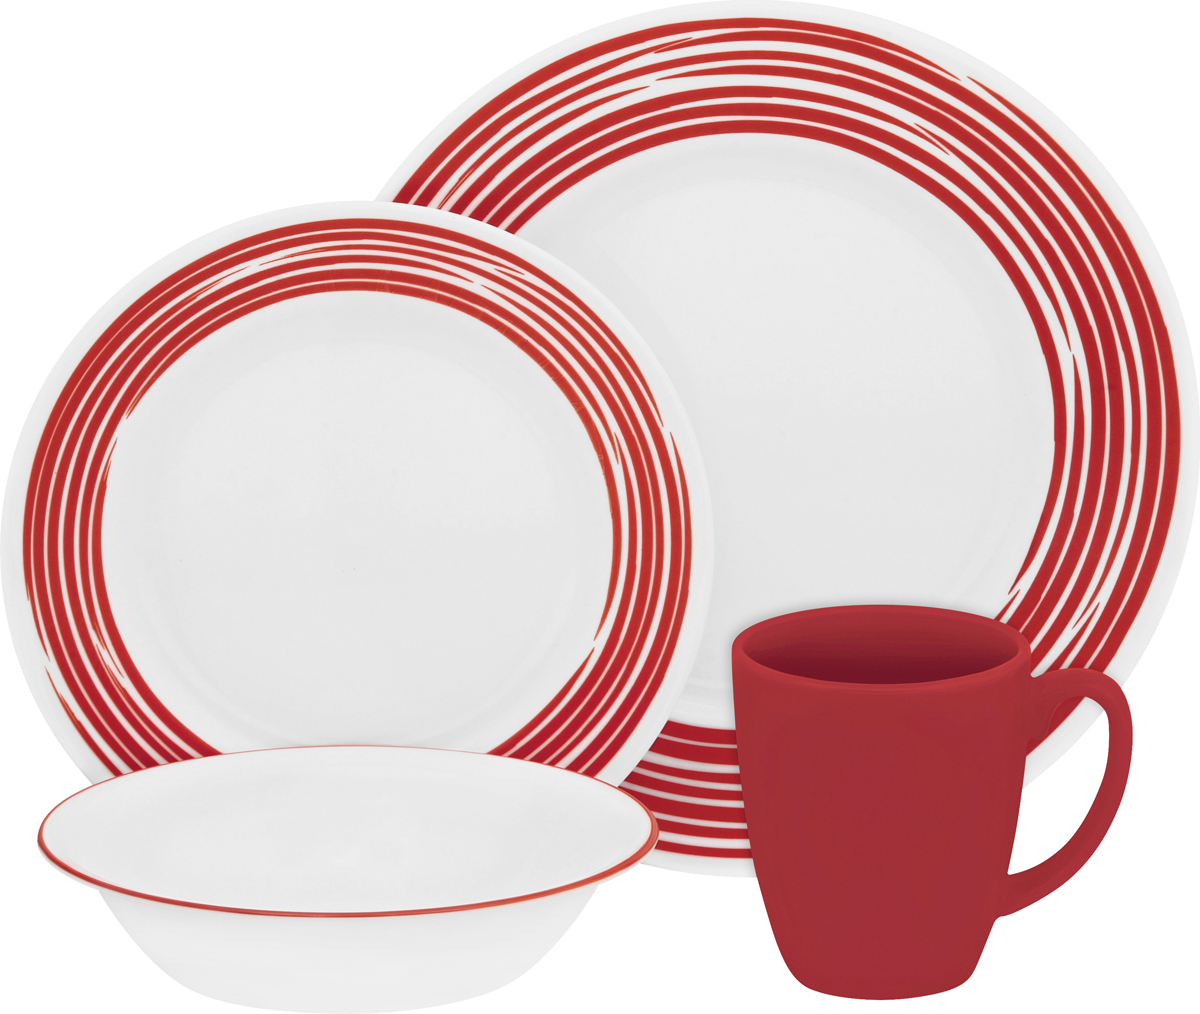 """Посуда Corelle """"Brushed Red"""" воплощает изысканность тонкого фарфора, но остается  верна знаменитой долговечности Corelle. Серия Corelle """"Brushed"""" с необычным рисунком, словно  художник прикоснулся кистью к тарелкам. Посуду можно мыть в посудомоечной машине и  использовать в духовке и микроволновой печи.   Набор посуды """"Brushed Red"""" состоит из:  - обеденных тарелок, 27 см - 4 шт;  - десертных тарелок, 22 см - 4 шт;  - суповых тарелок, 530 мл - 4 шт;  - фарфоровых кружек, 330 мл - 4 шт."""